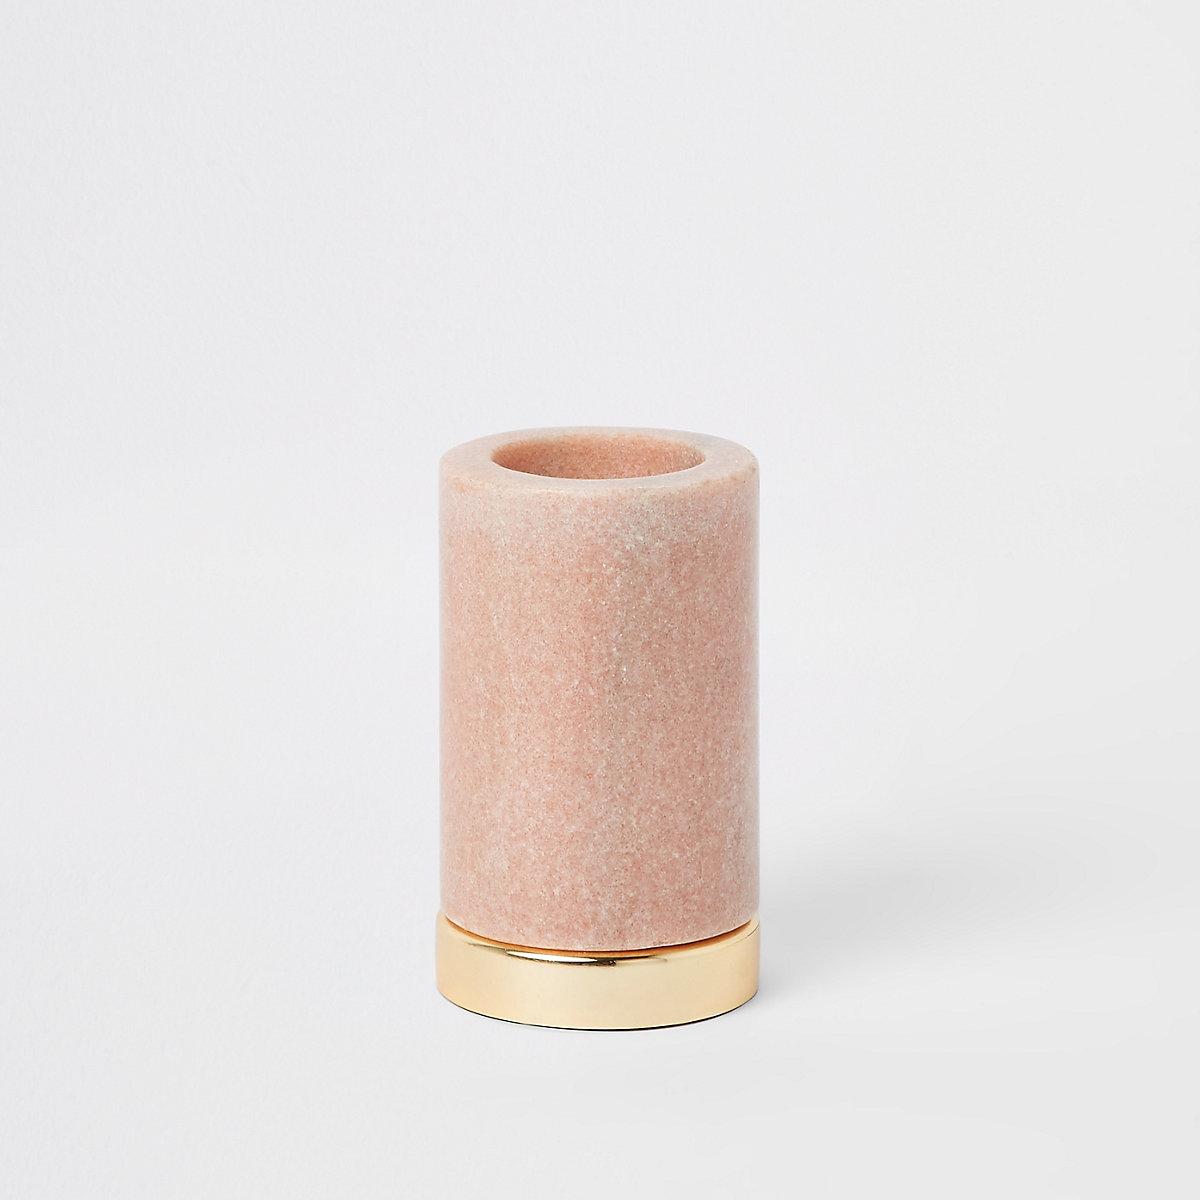 Grand bougeoir chauffe-plat en marbre rose